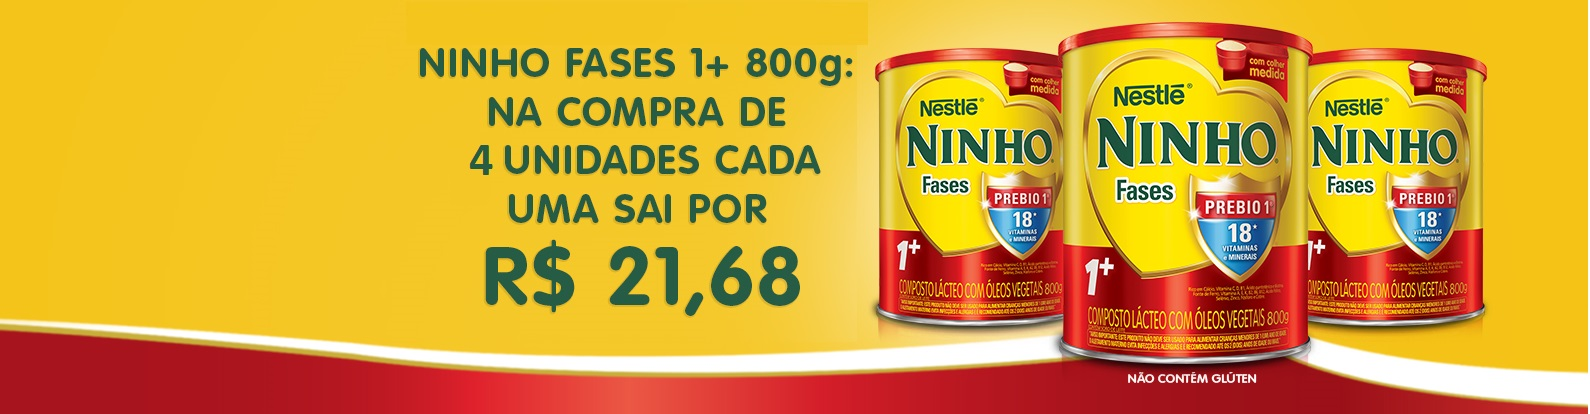 Leve4 Pague3 Ninho